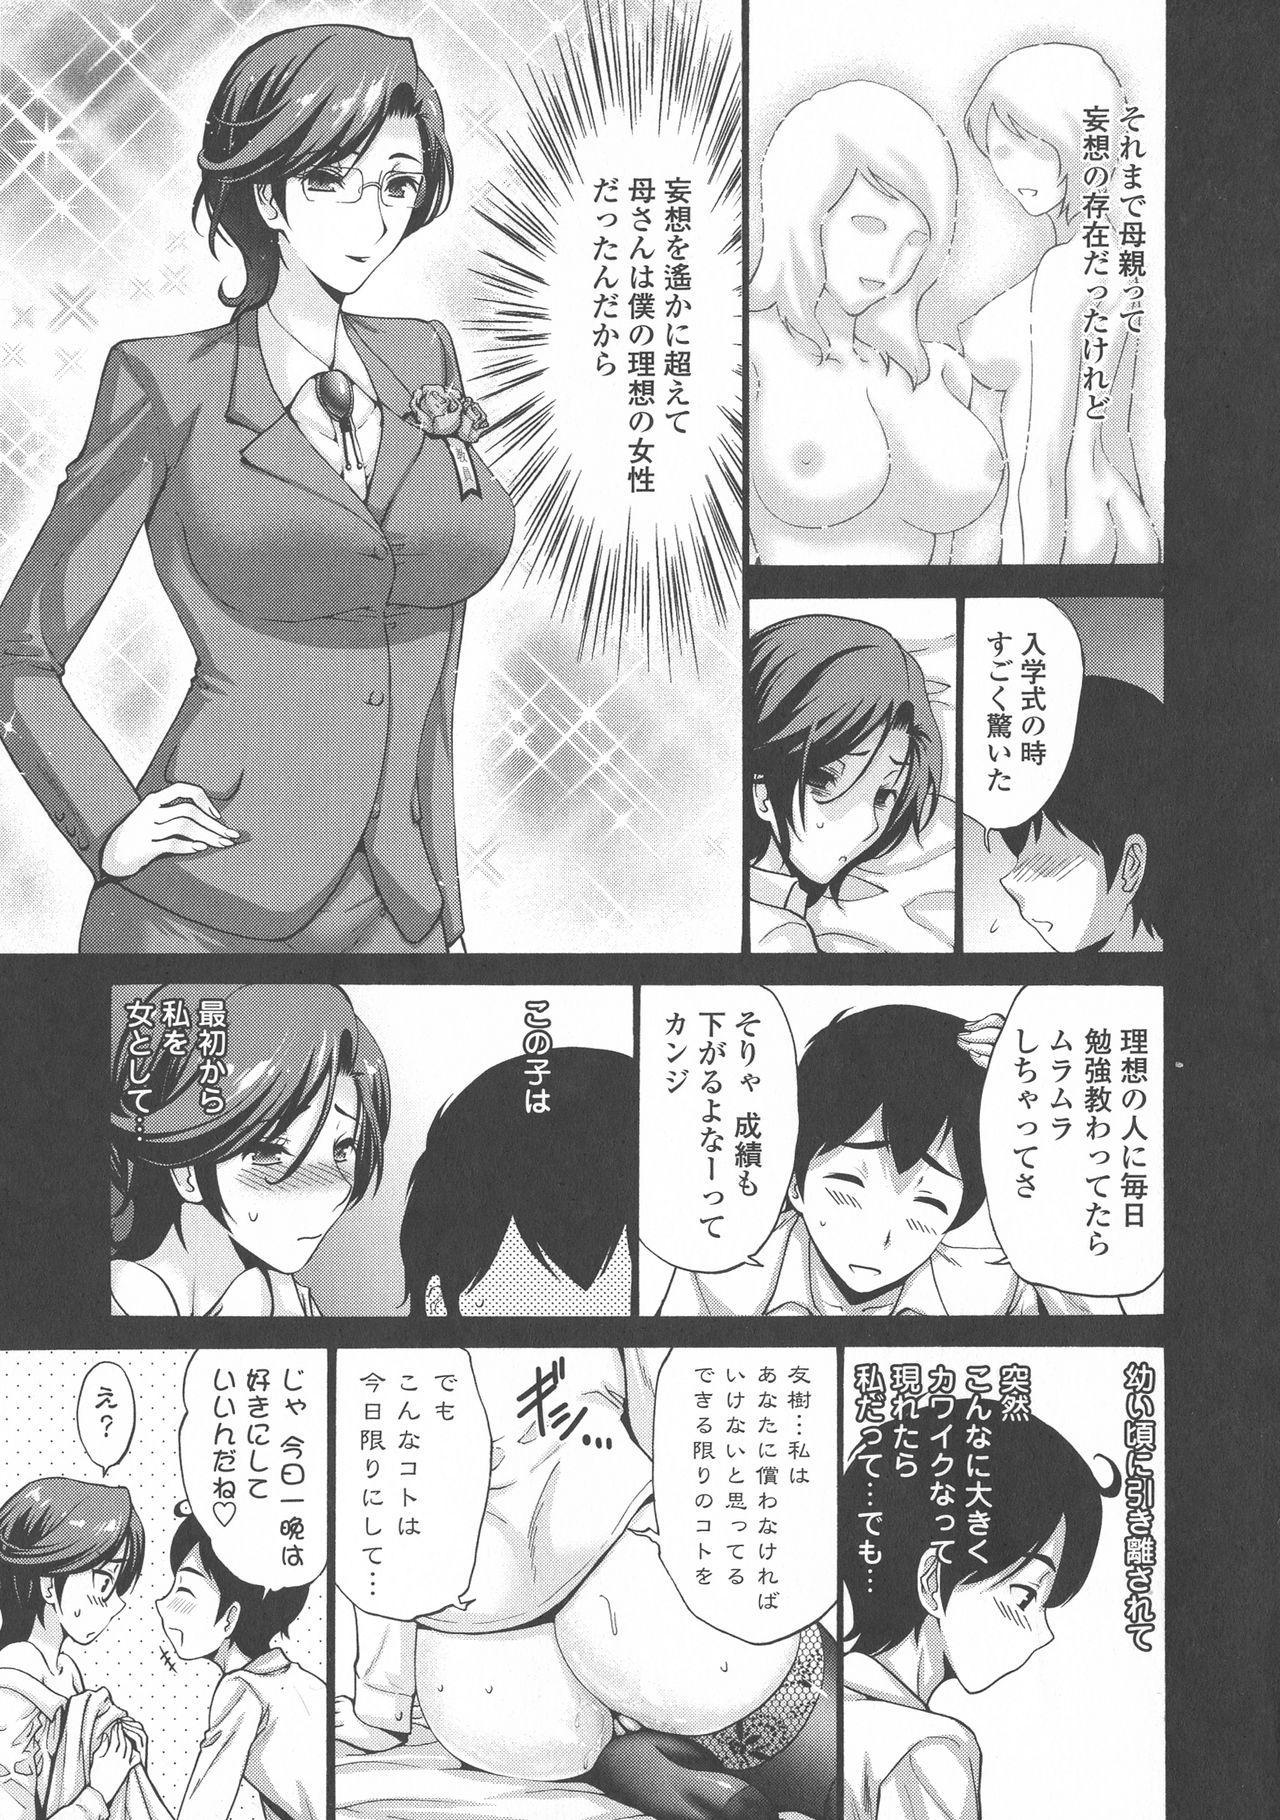 Tomodachi no Haha wa Boku no Mono - His Mother is My Love Hole 173